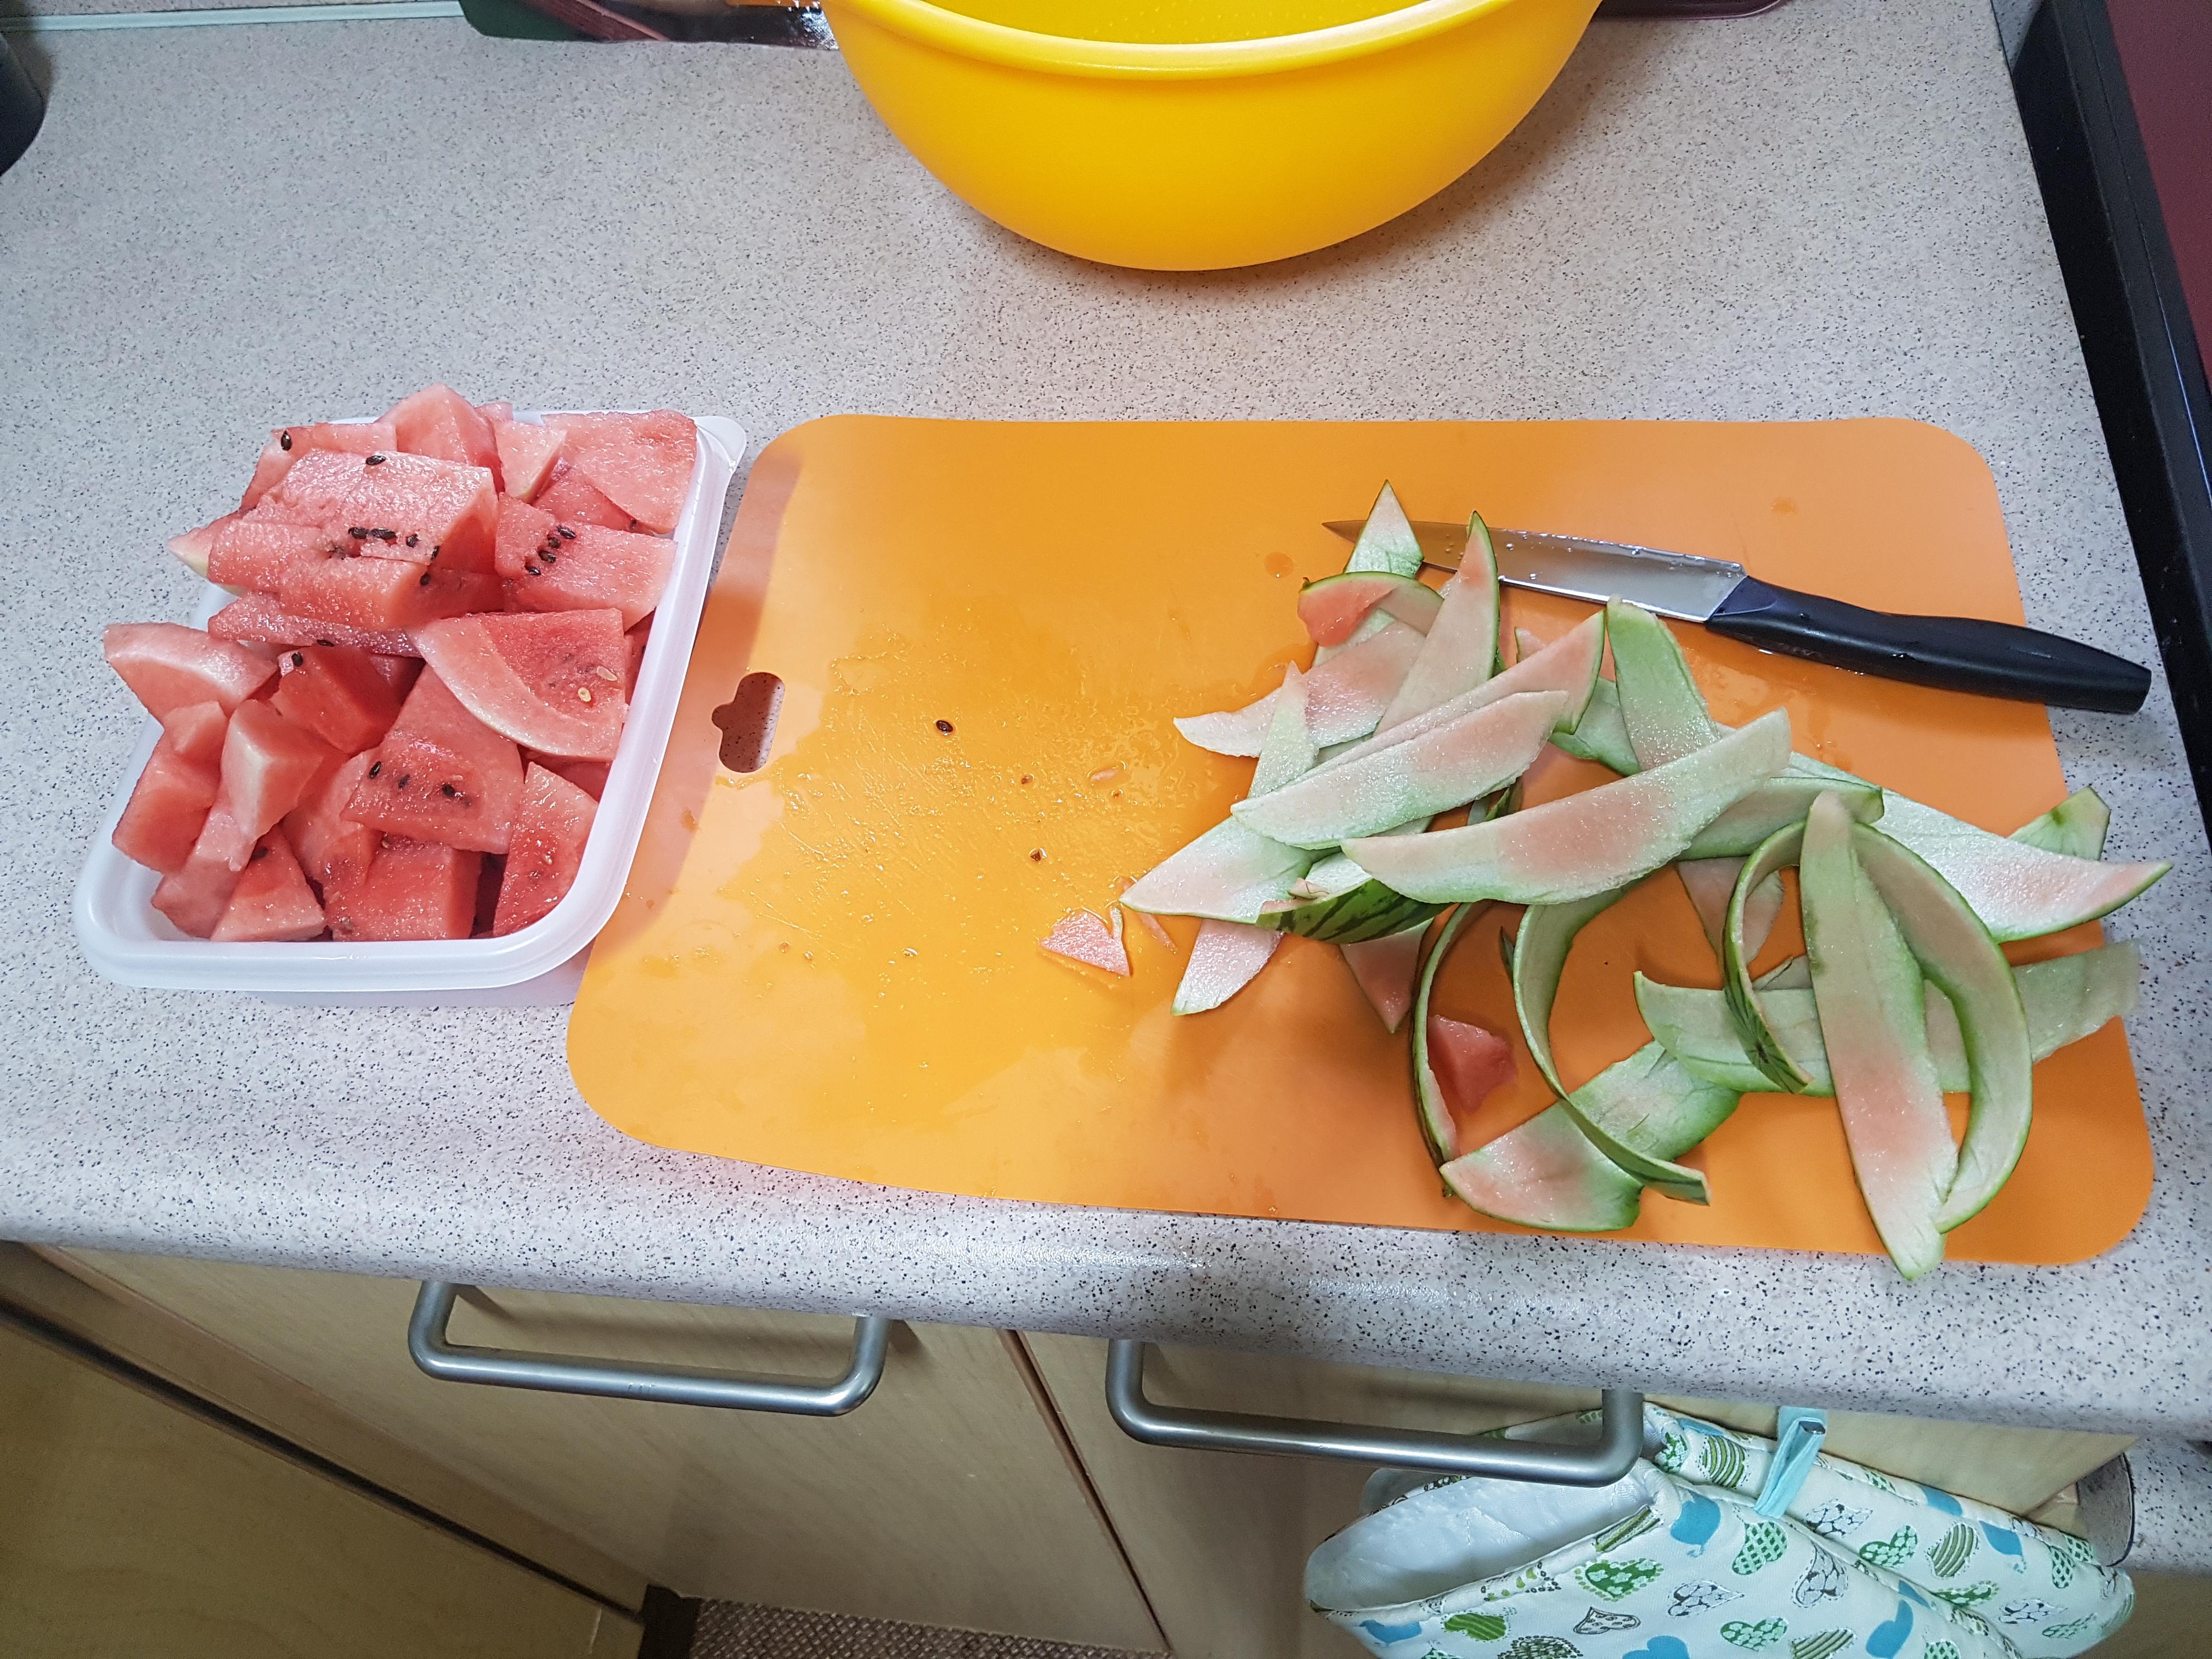 애플수박, 과일칼로 깍아 먹을 수 있는 애기 머리만한 작은 수박